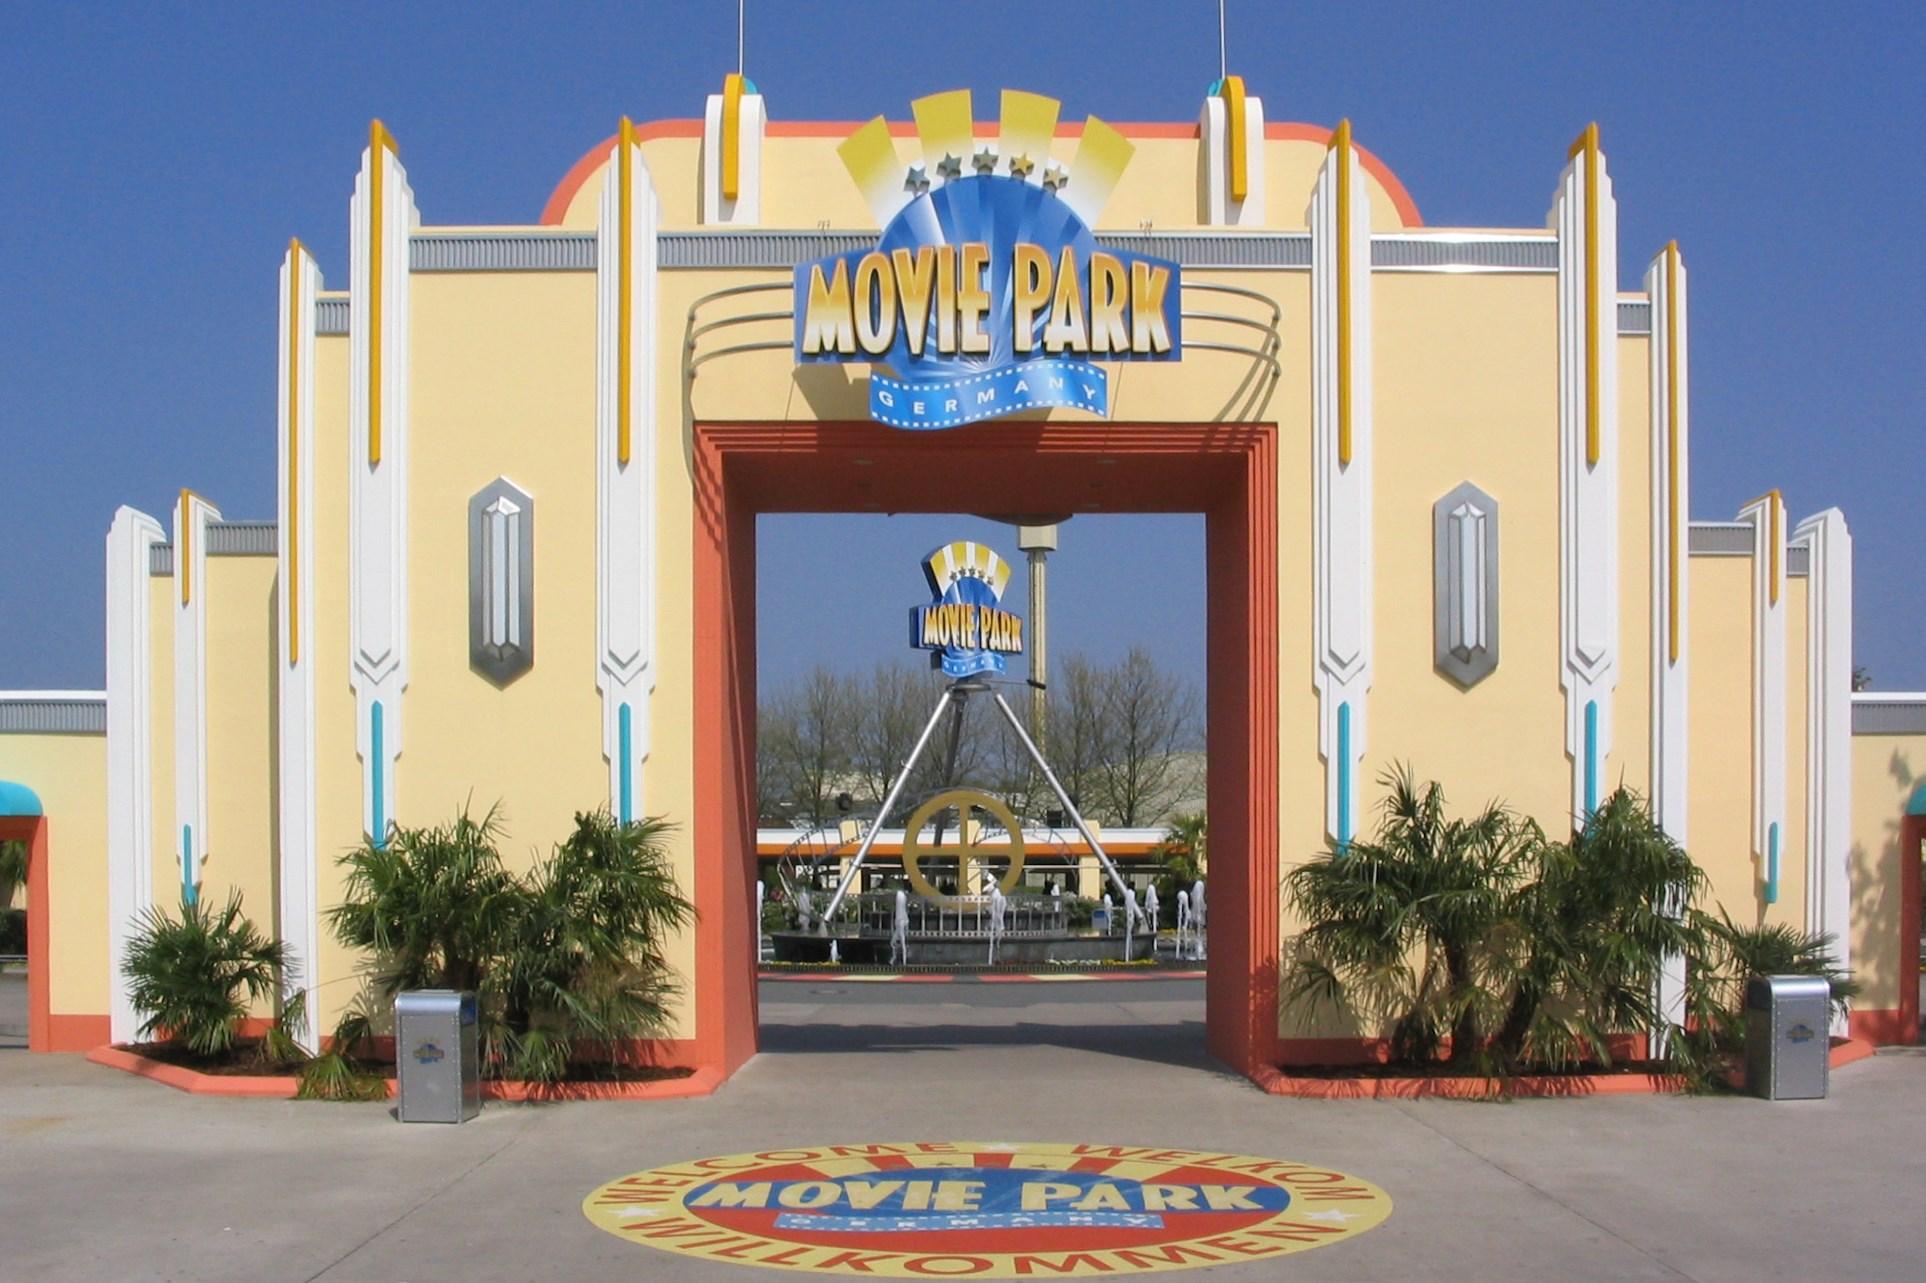 Movie Park Hotel Arrangement